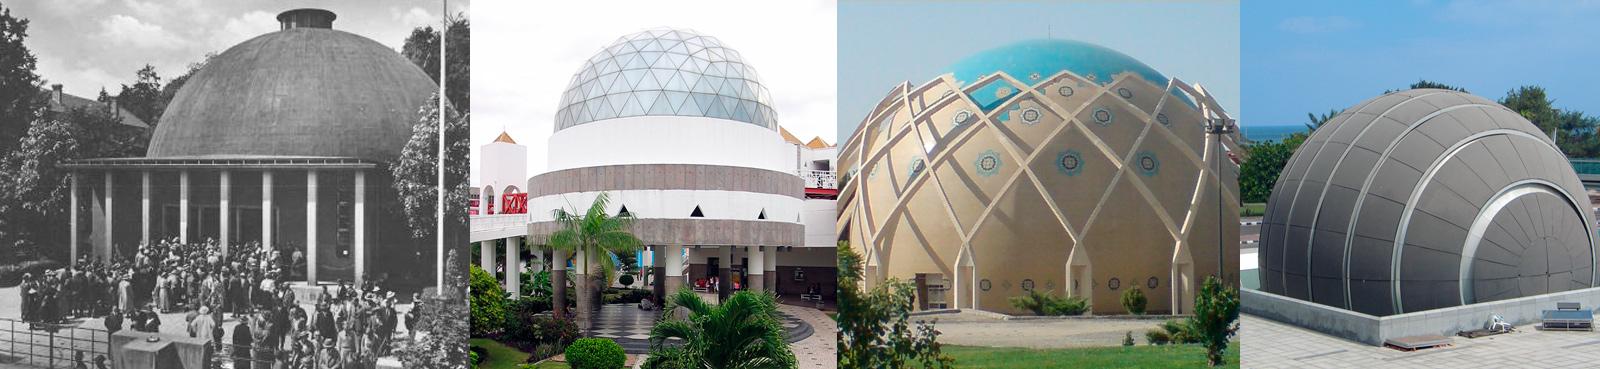 Planetario museo. Jena, Fortaleza, Alejandría, Nishapur